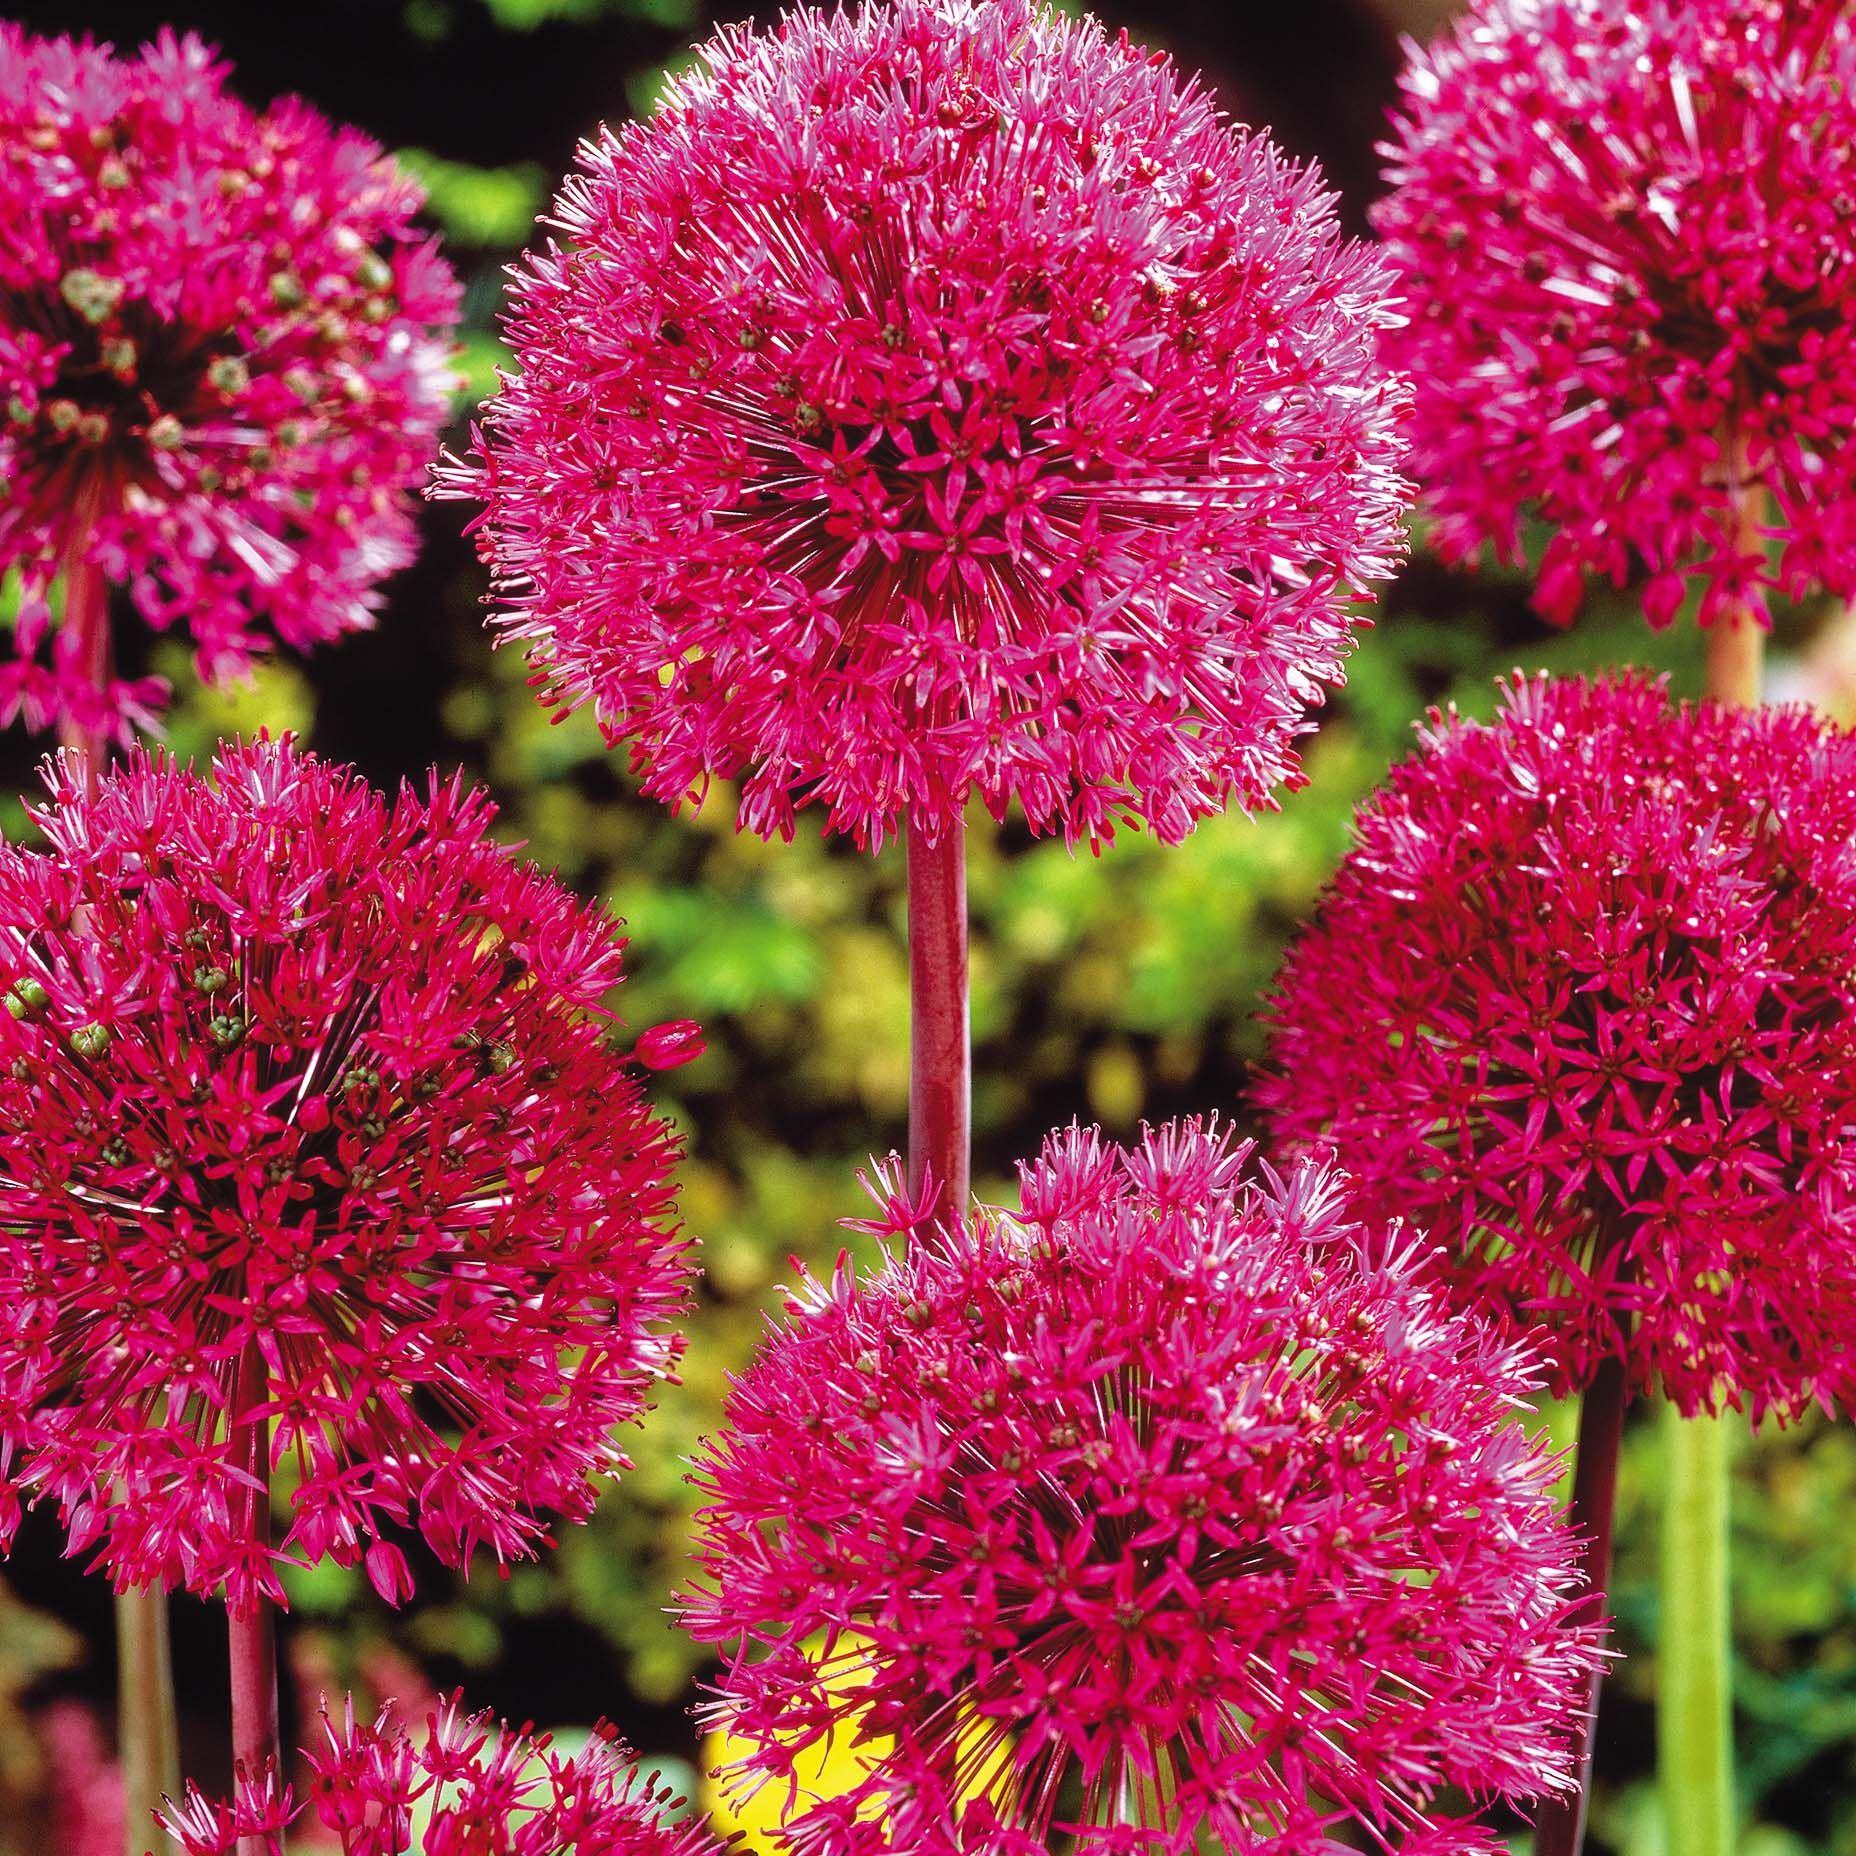 Allium stipitatum saw these at the duke gardens a week ago allium stipitatum saw these at the duke gardens a week agoautiful mightylinksfo